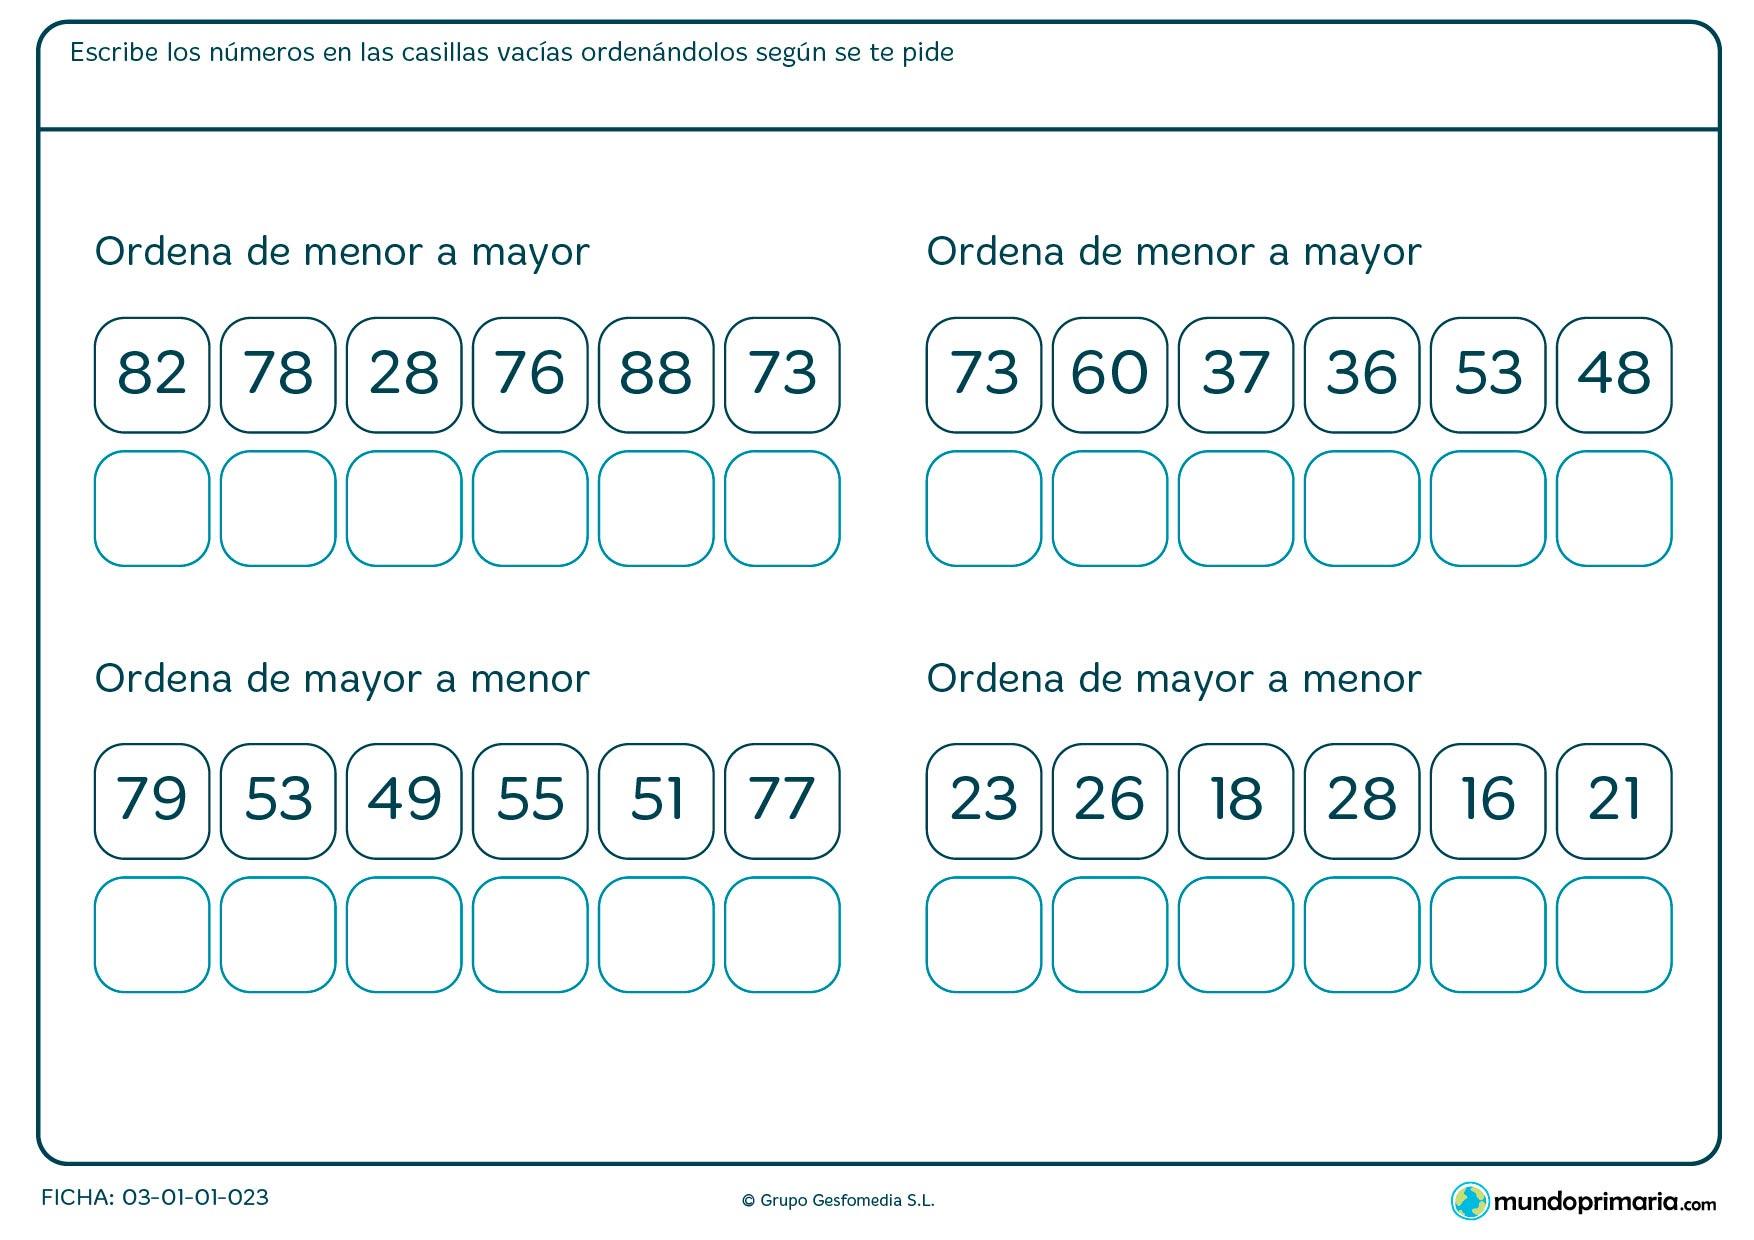 Ficha de escribir los números ordenados en el que hay que colocar estos números en las casillas como corresponda.